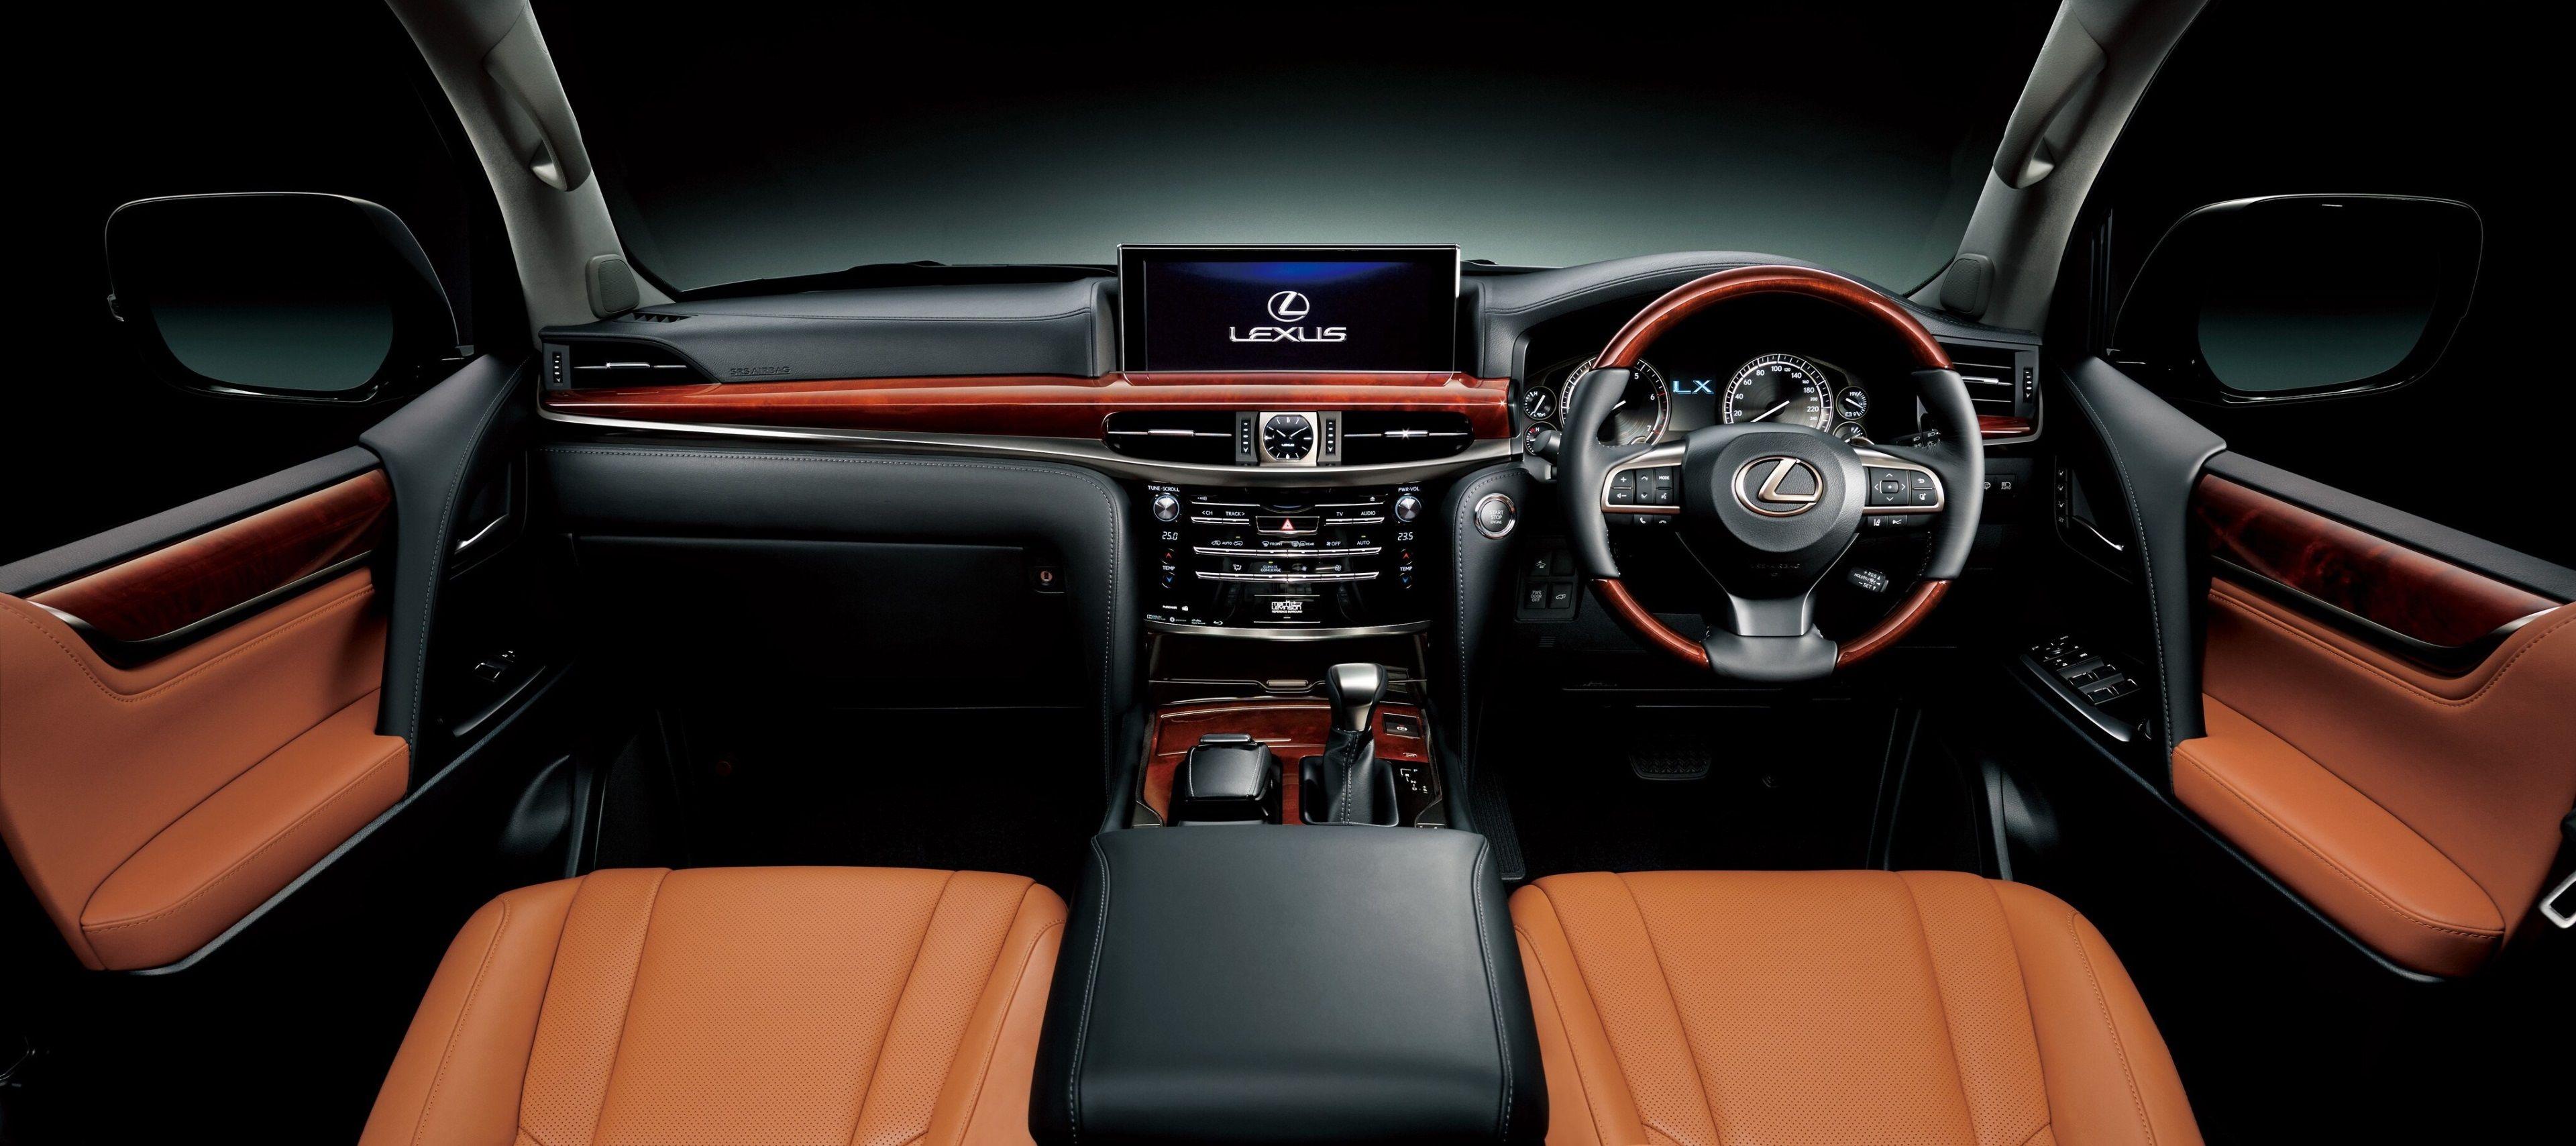 3840x1708 Lexus Lx 570 4k Screen Wallpaper Lexus Lx 570 Steering Wheel